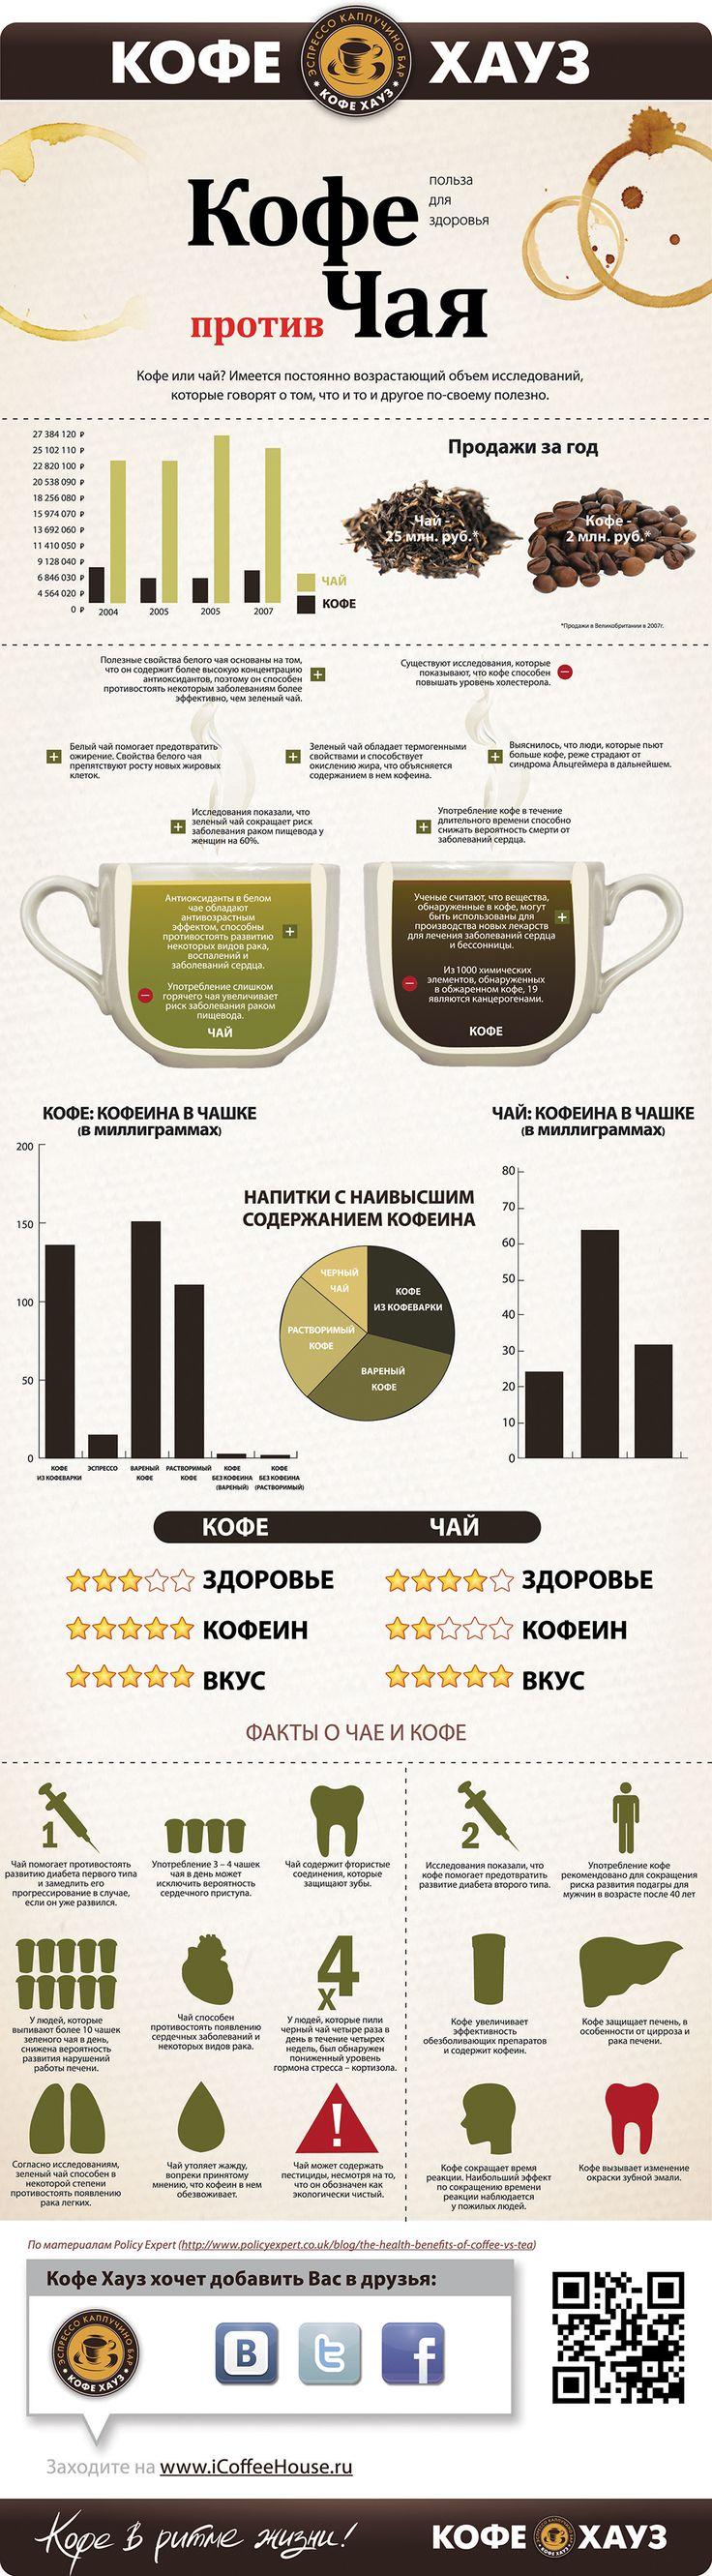 Кофе против Чая #инфографика @ru_coffeehouse